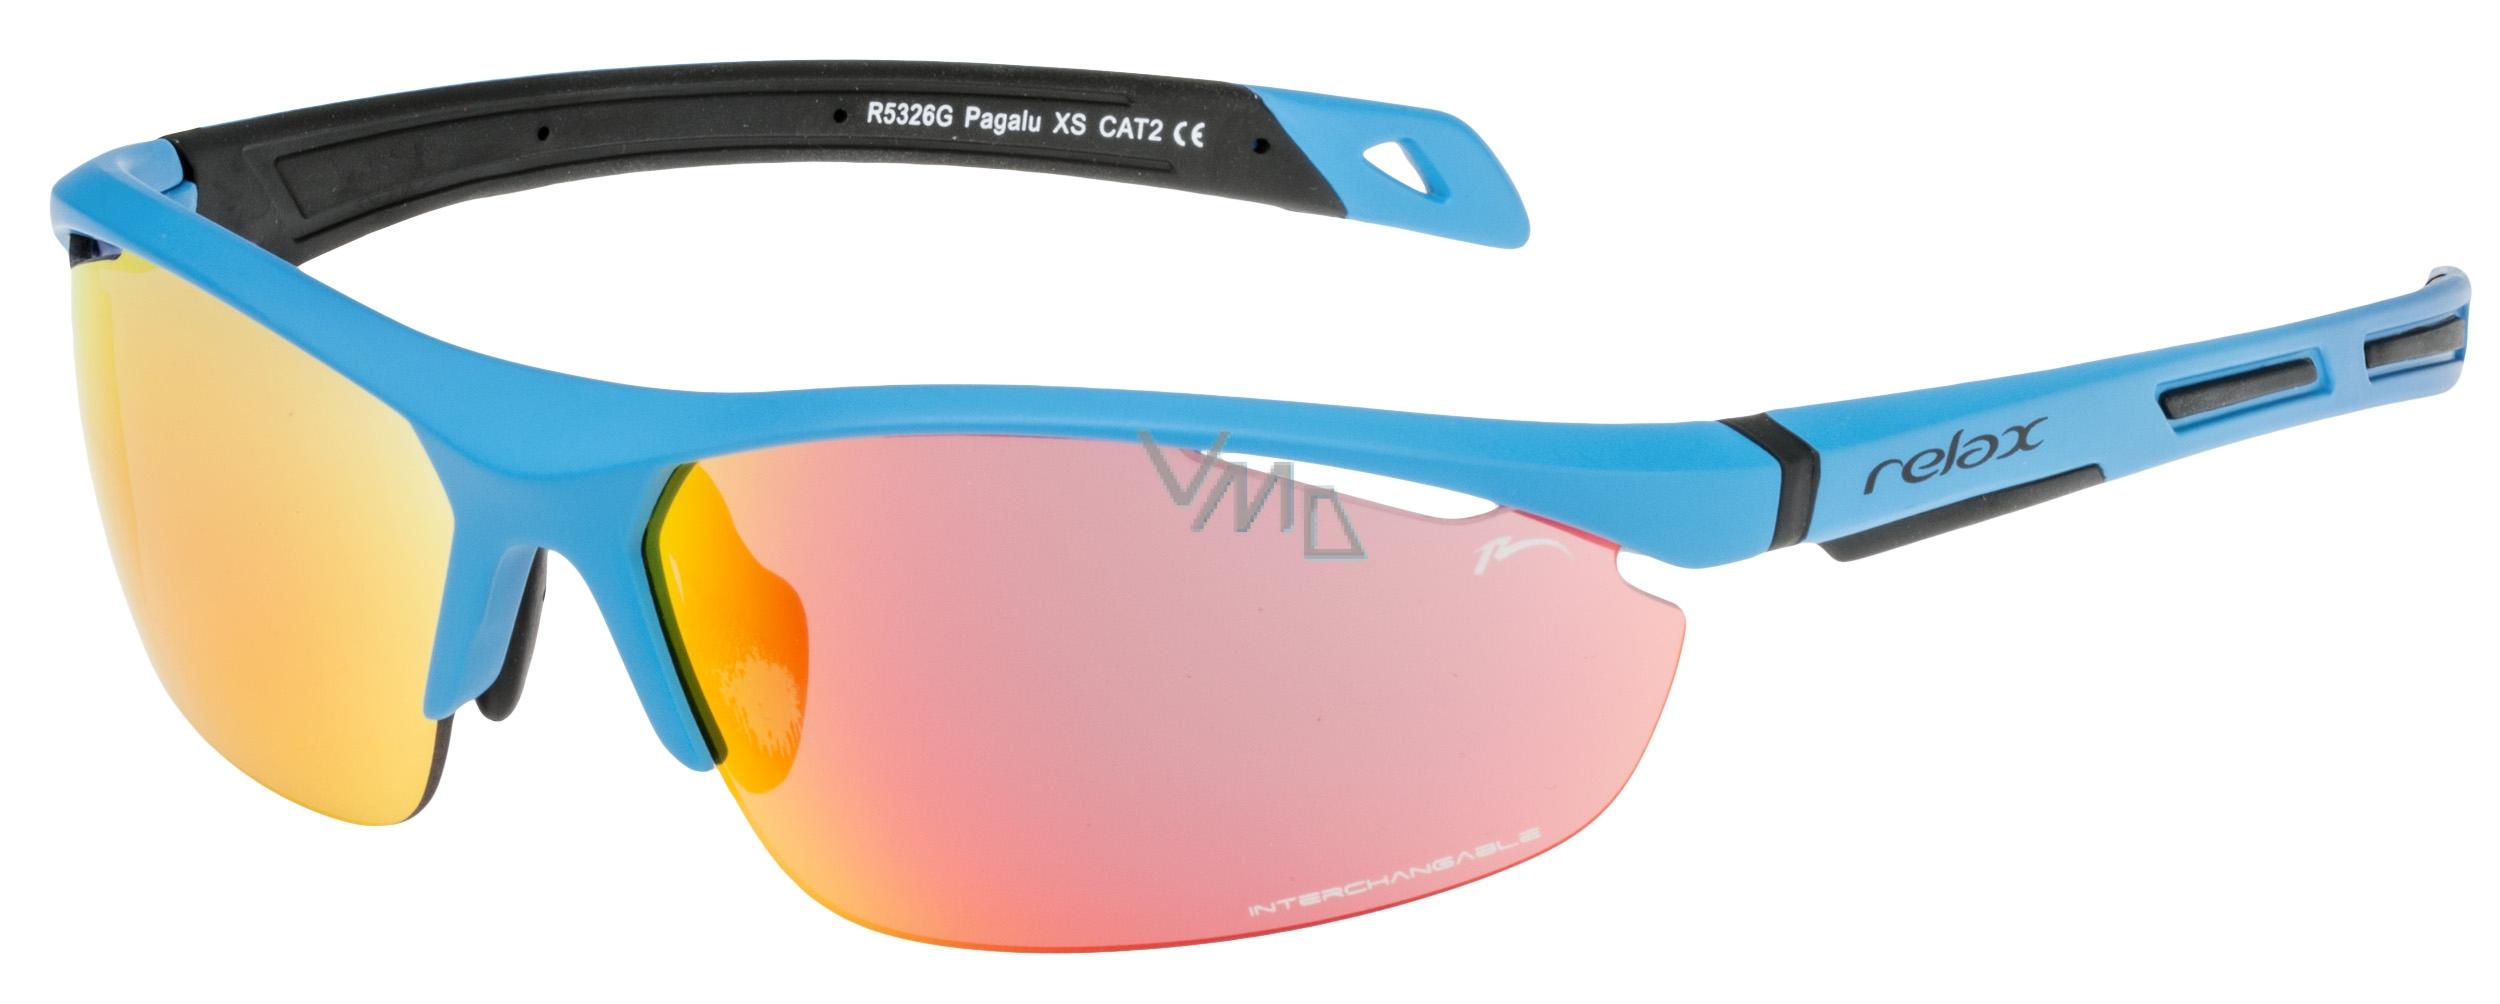 Relax Pagalu XS Sport Sluneční brýle R5326G - VMD drogerie 62ba83cf61d